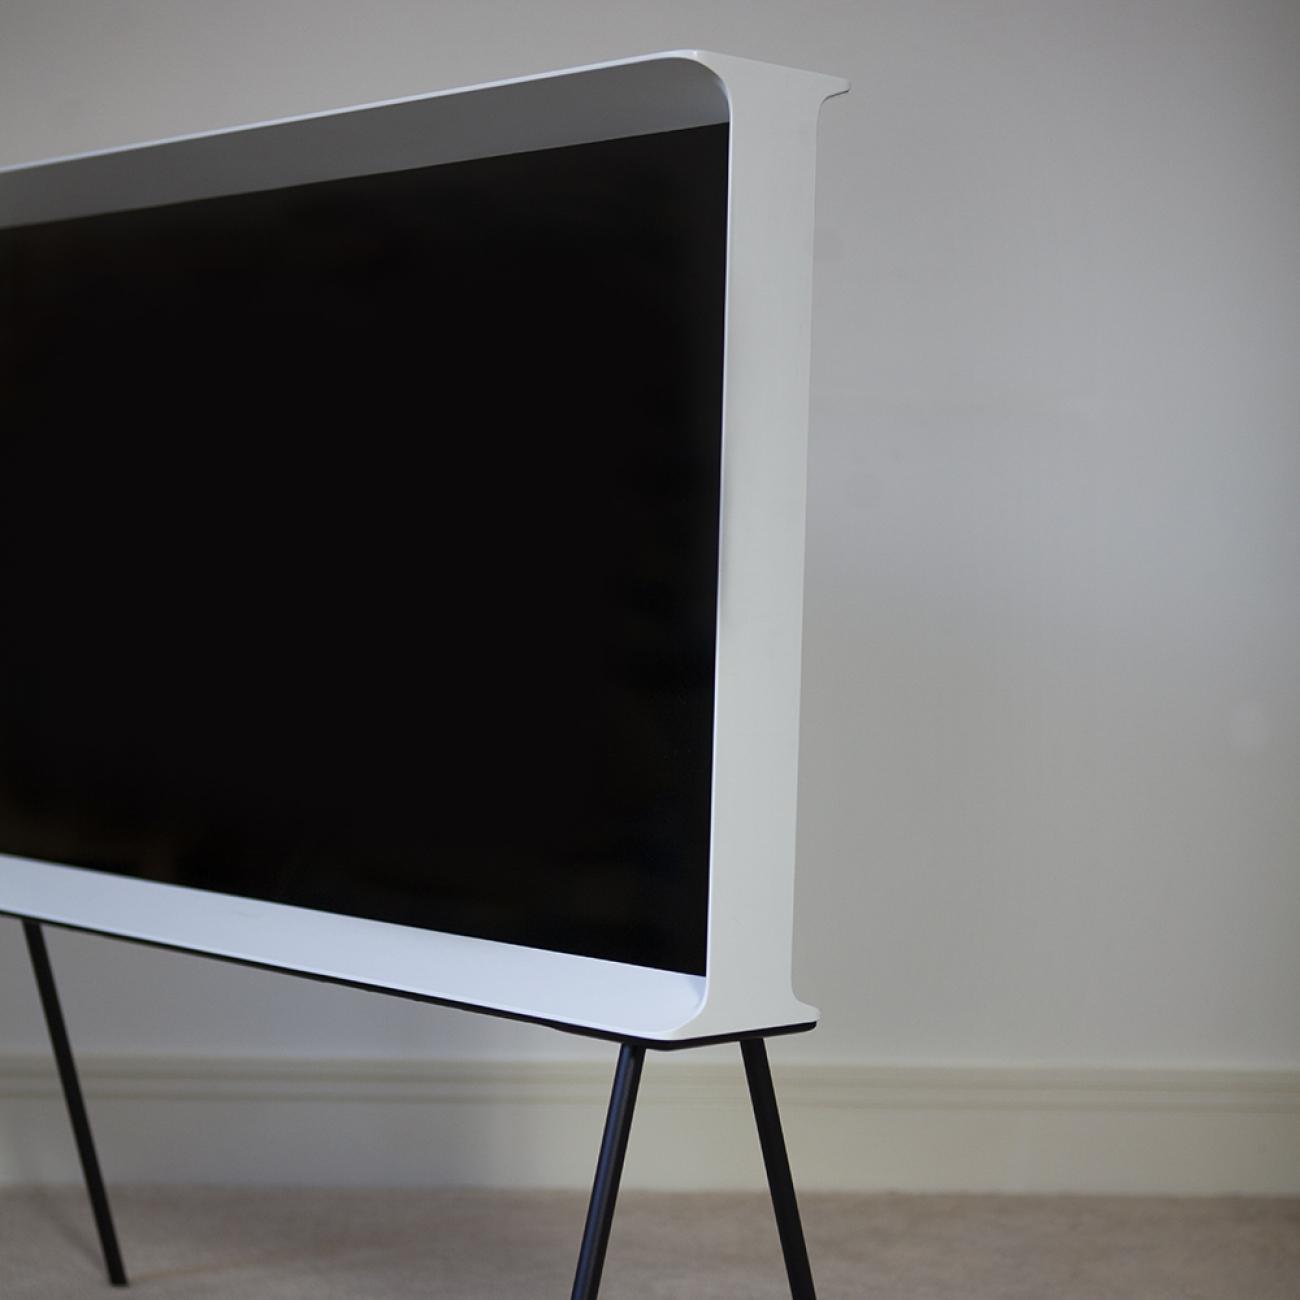 Serif TV_61